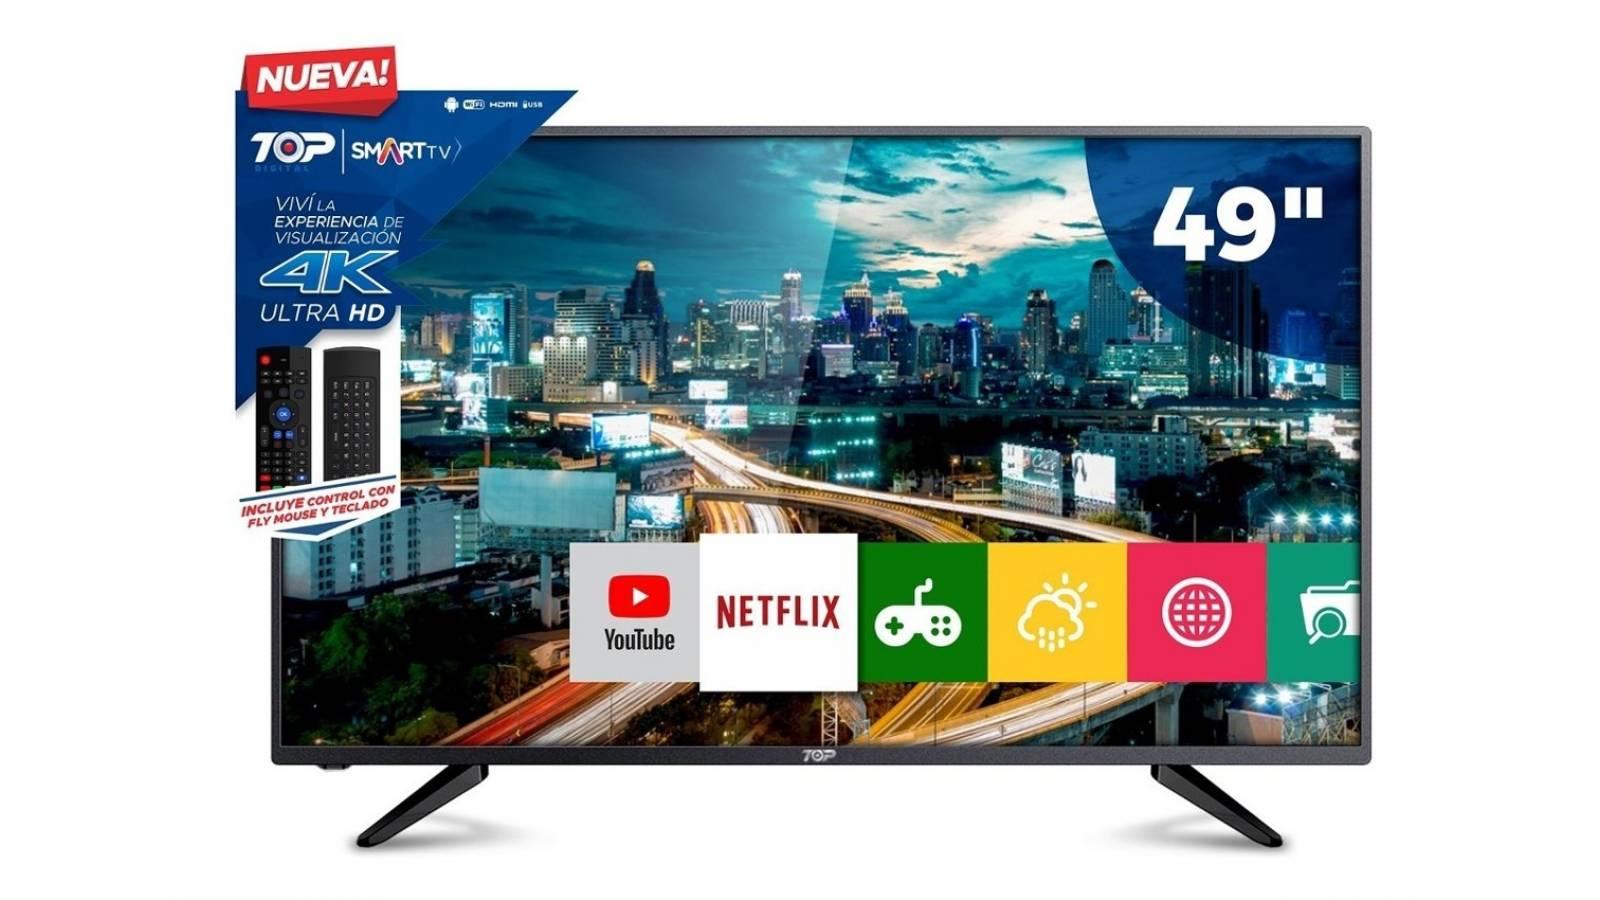 Smart Tv Led 49 Ultra Hd 4k Top Digital 49C1U